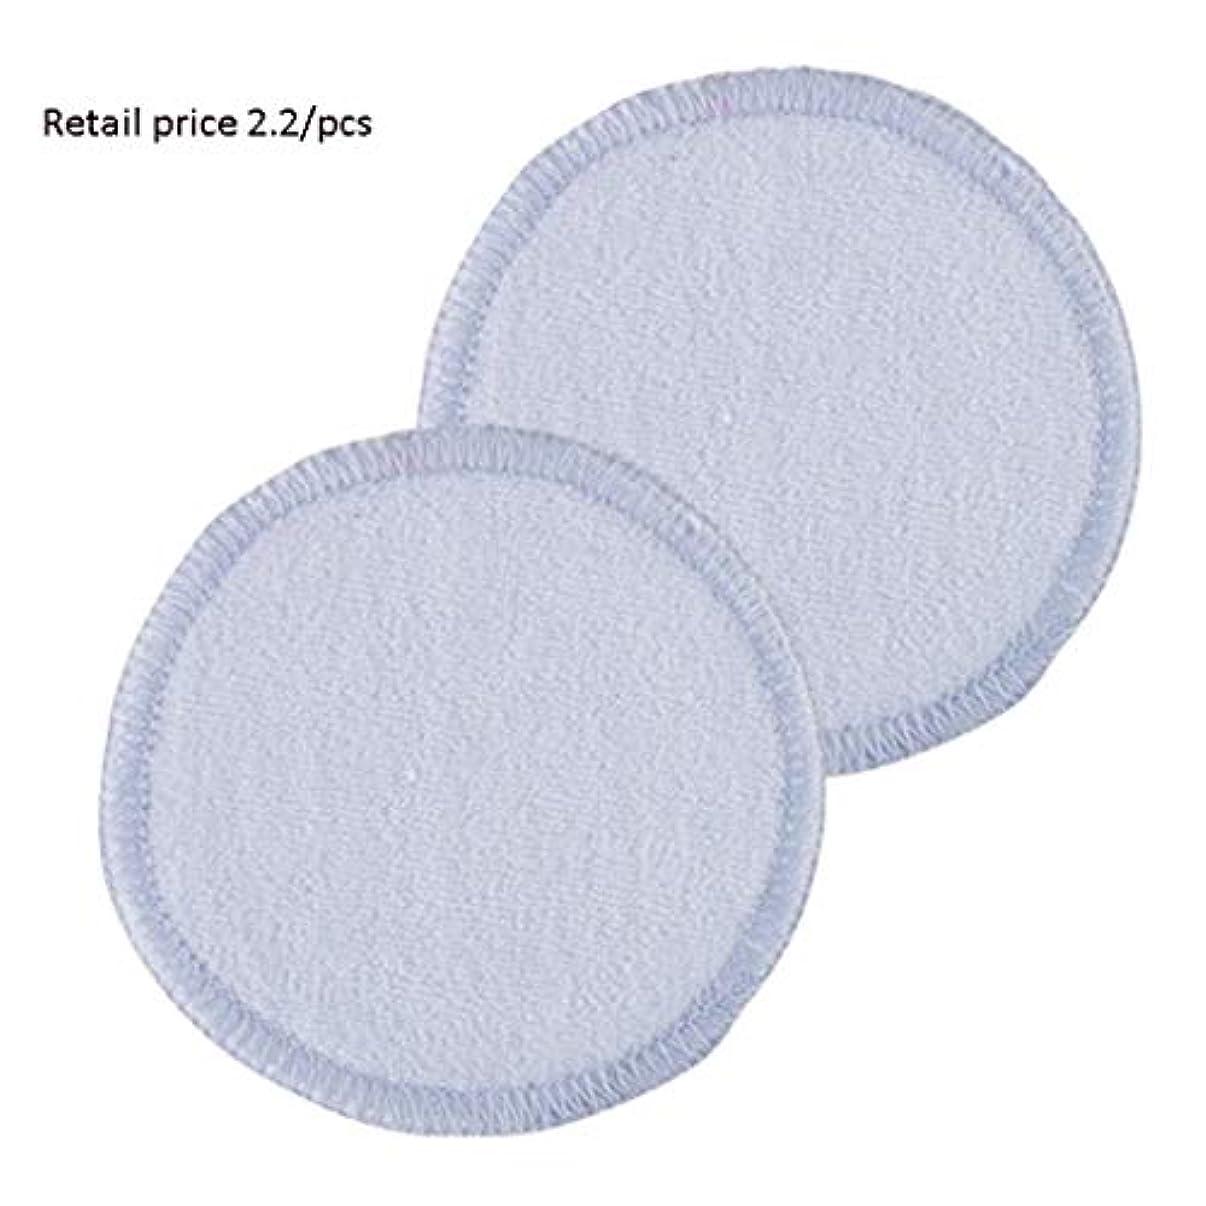 占める関連する試験クレンジングシート 再利用可能な洗える8センチラウンドクレンジングコットンパッド、収納バッグ付き4色、ランドリー製品用スキンケア製品 (Color : Blue, サイズ : 8cm)